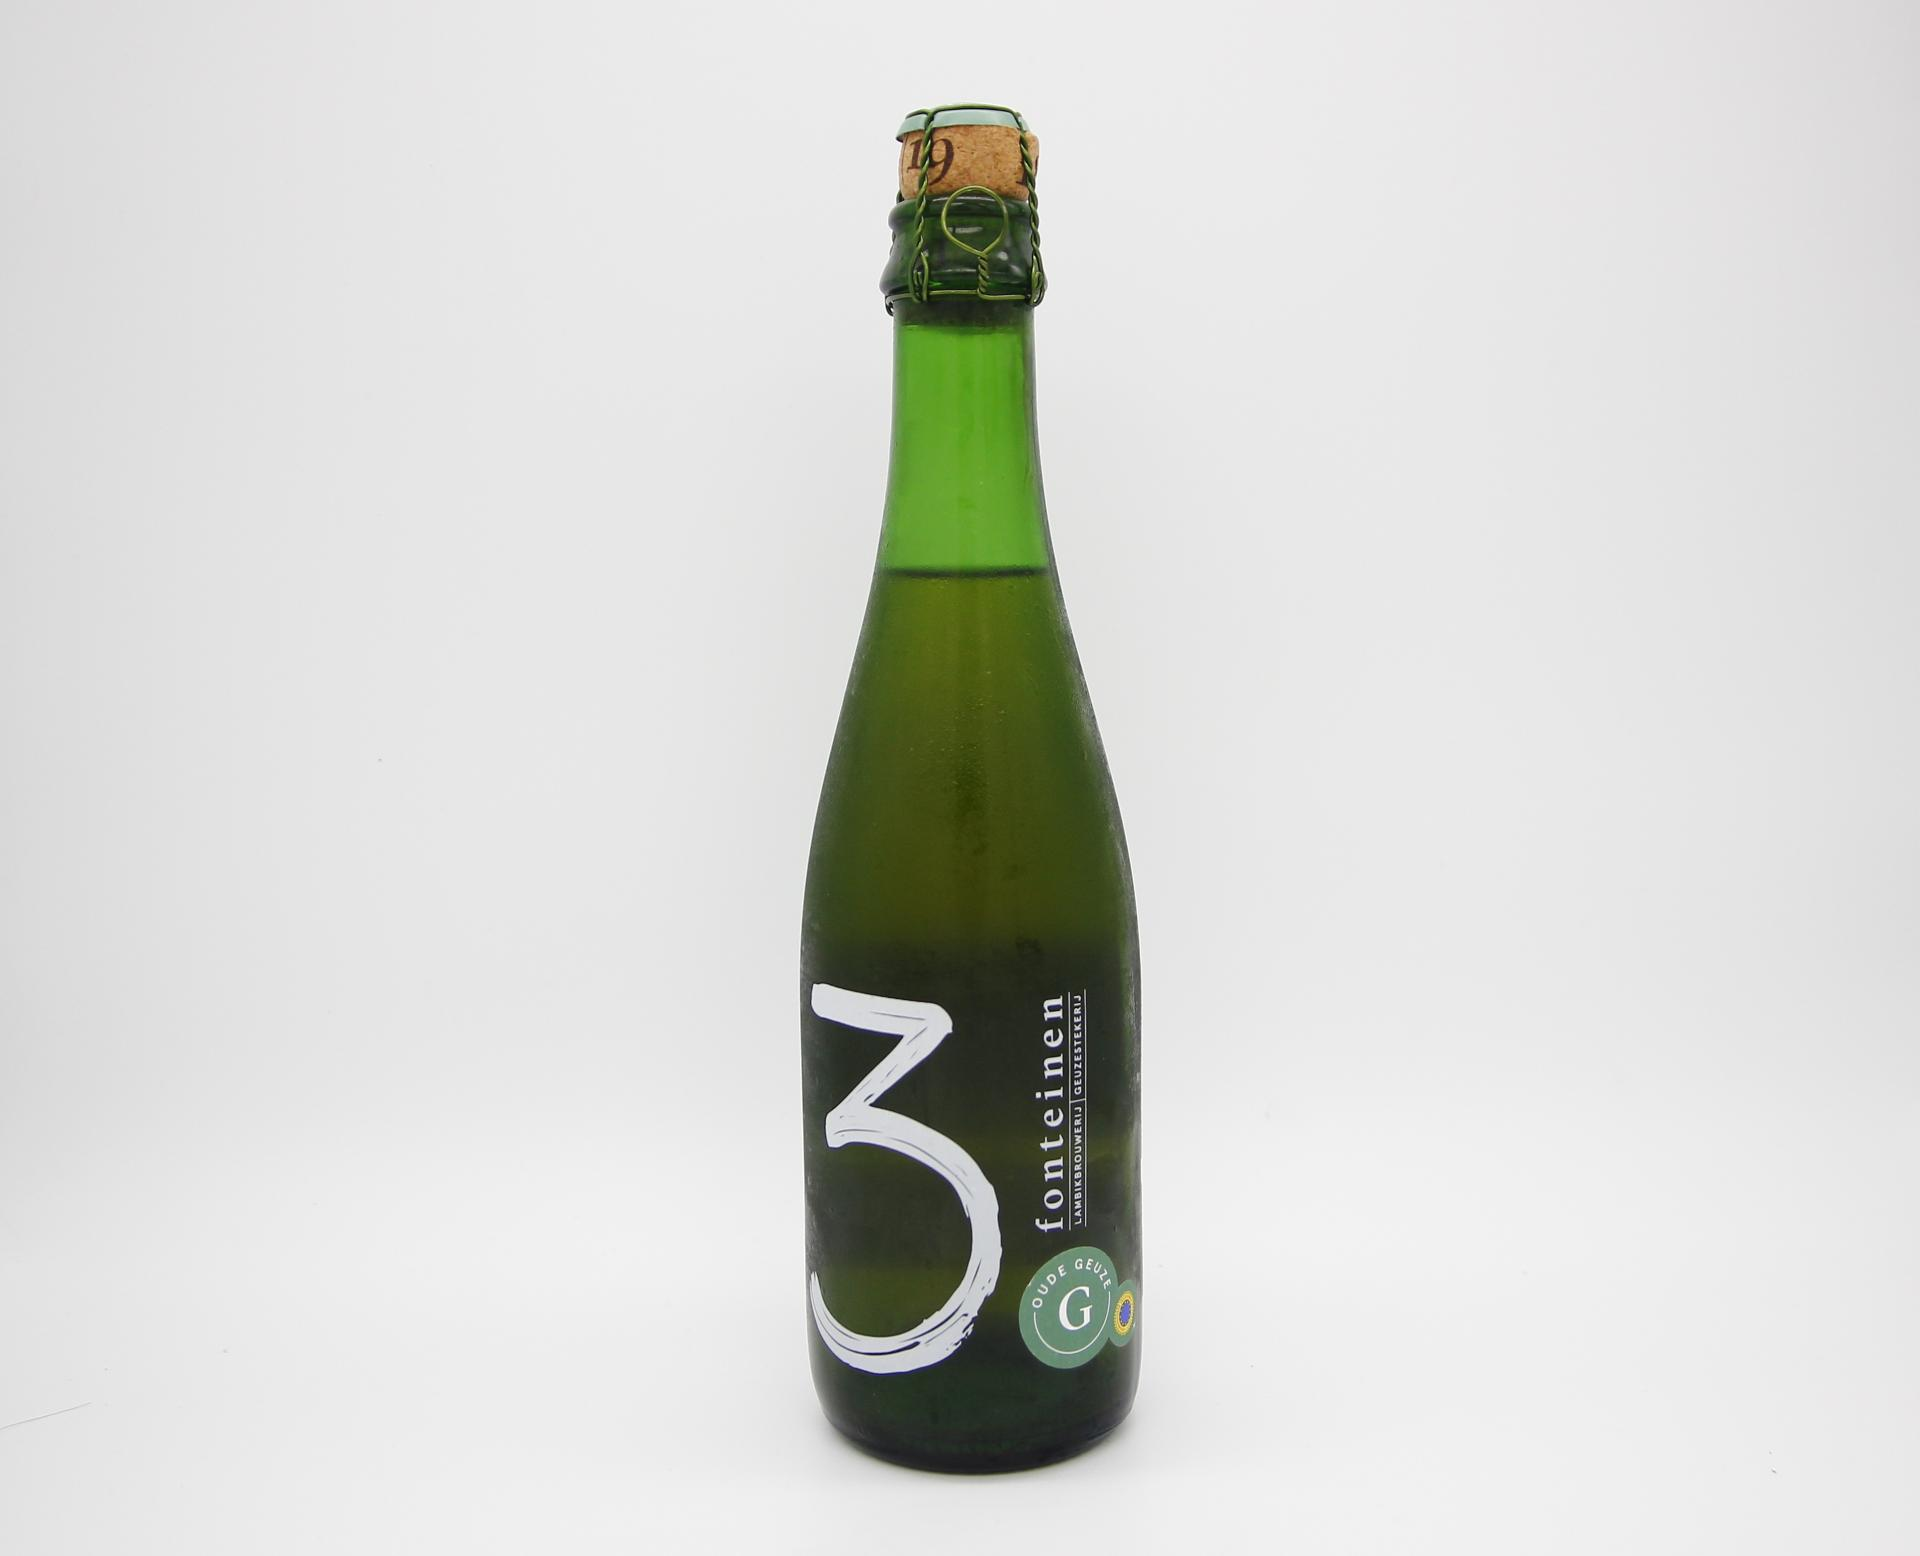 3 FONTEINEN - OUDE GEUZE 37.5cl